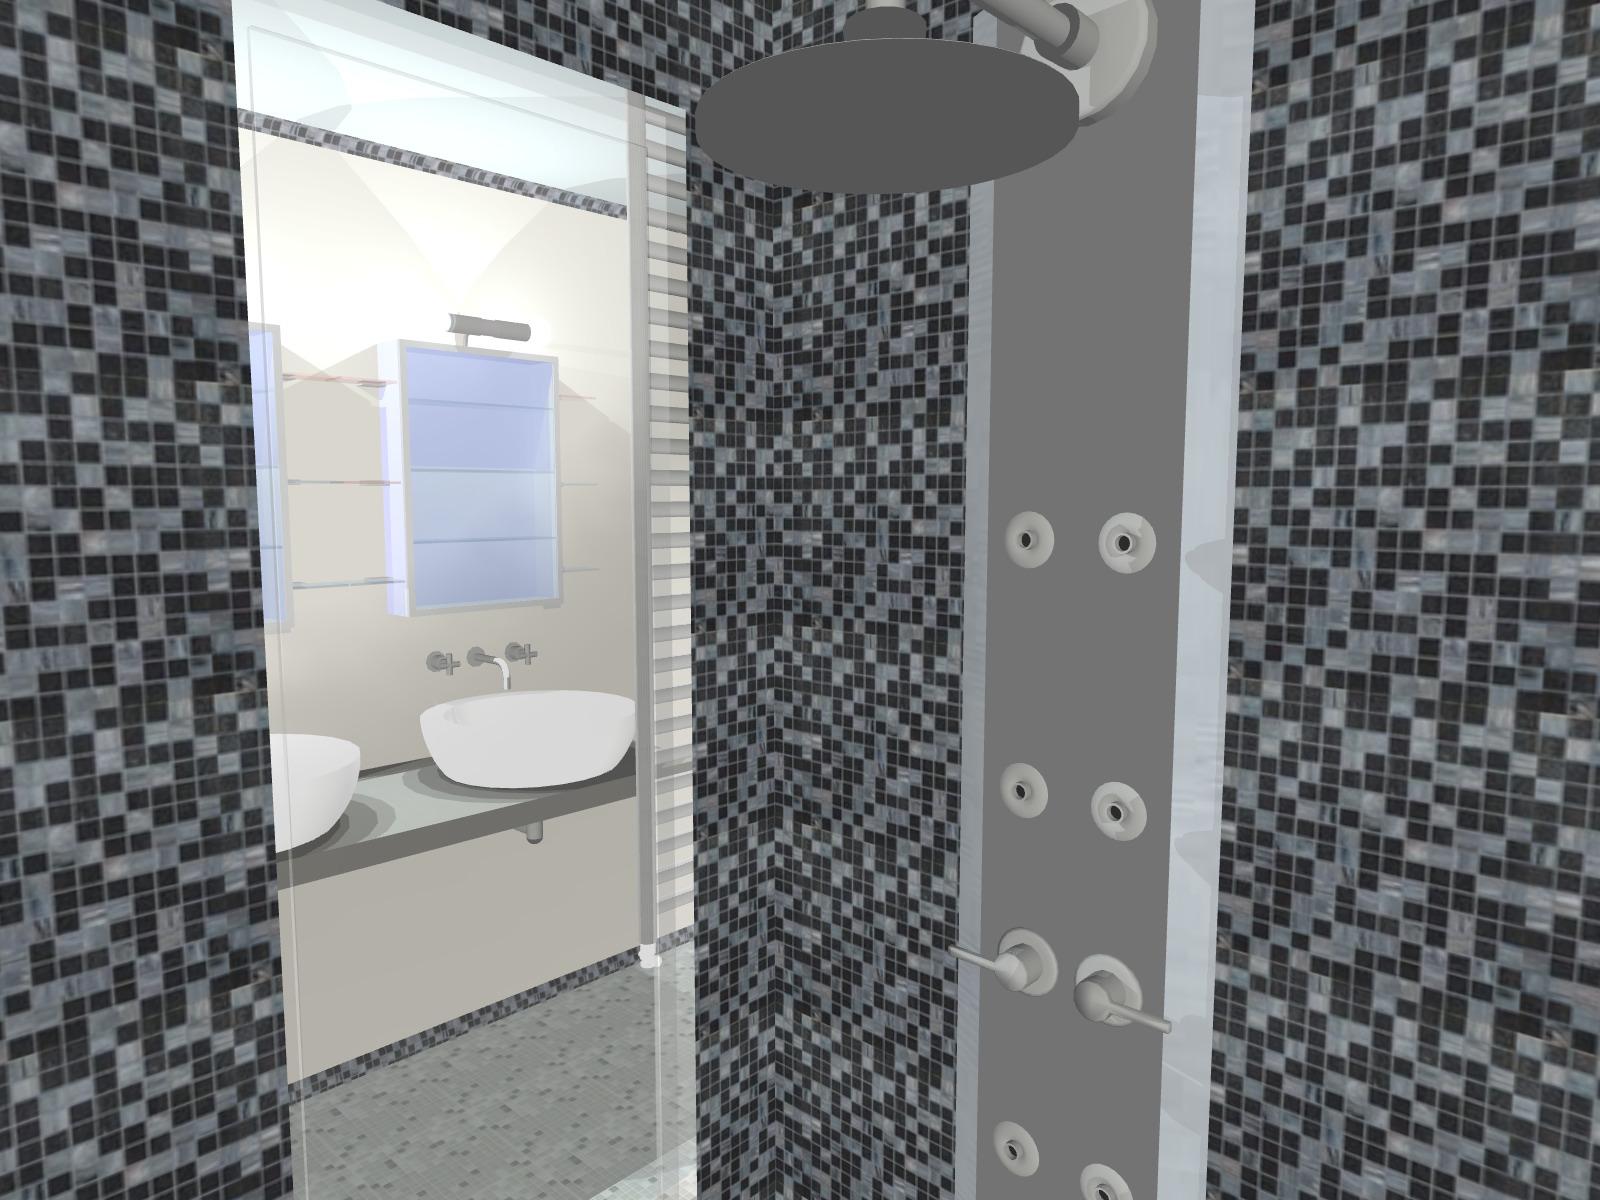 Salle de bain 3d nolan 28 images salle de bain en 3d for Projet salle de bain 3d